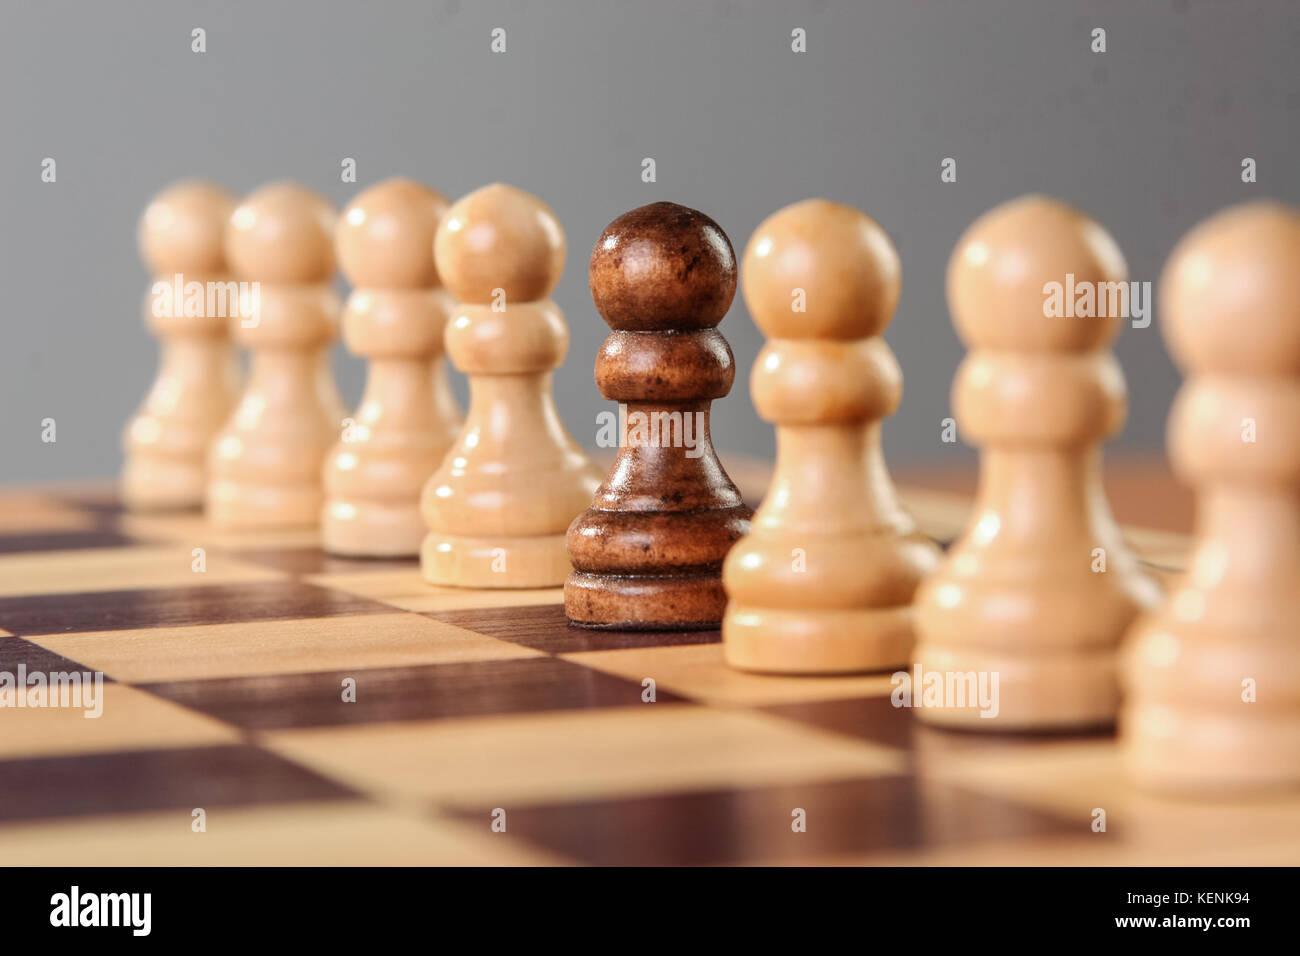 Un pion noir se dresse au milieu d'une rangée de pions blancs, l'autre soulignant ses différentes caractéristiques de l'acceptation du groupe. Banque D'Images